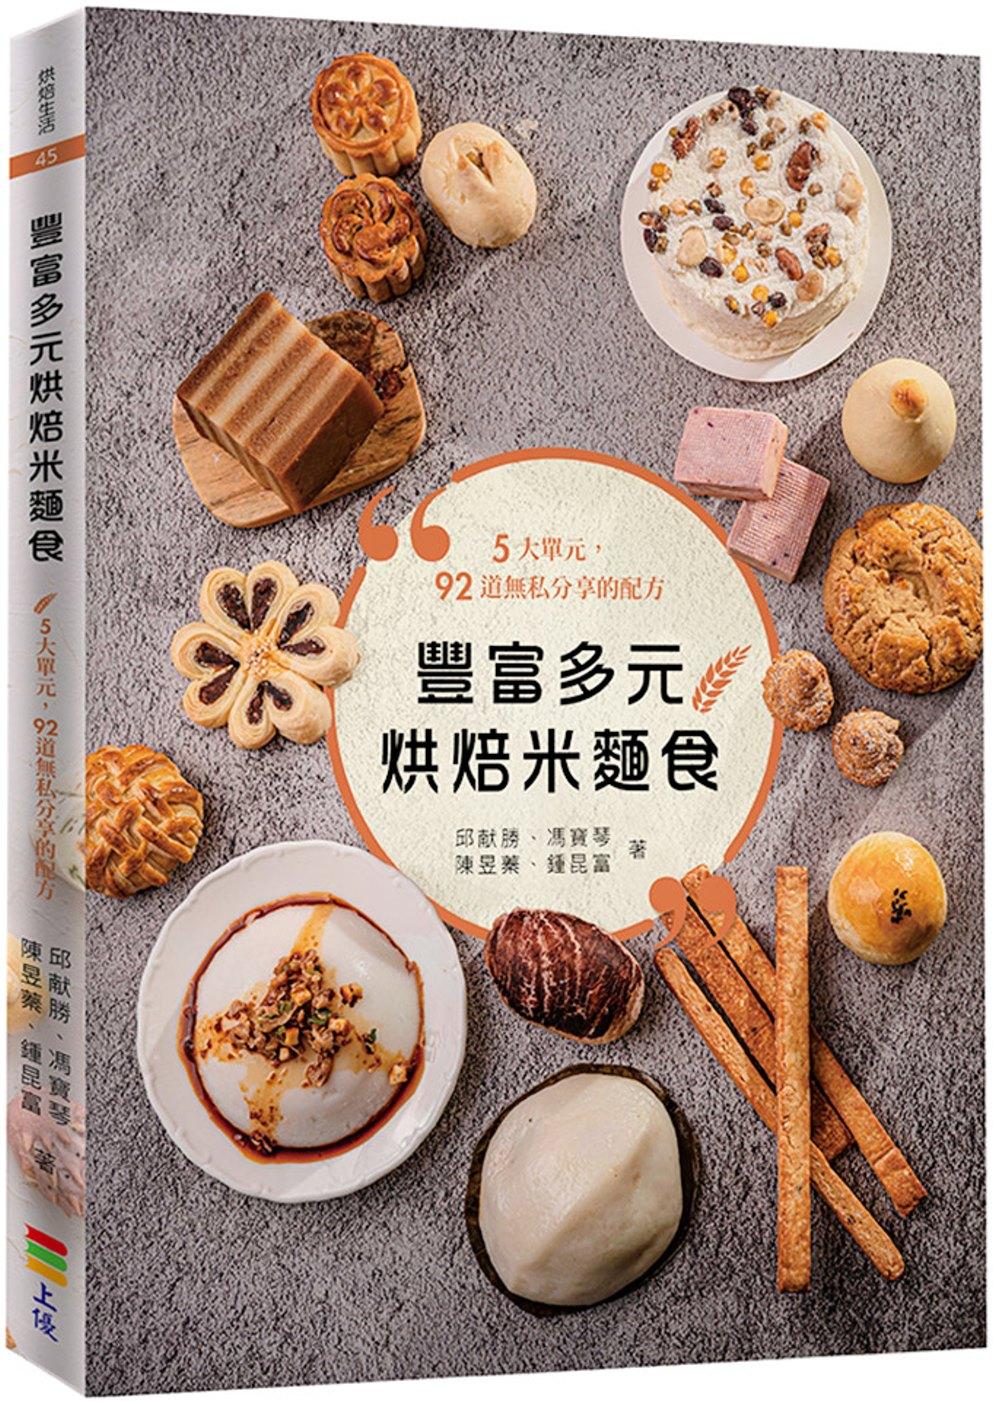 豐富多元烘焙米麵食(贈品版)